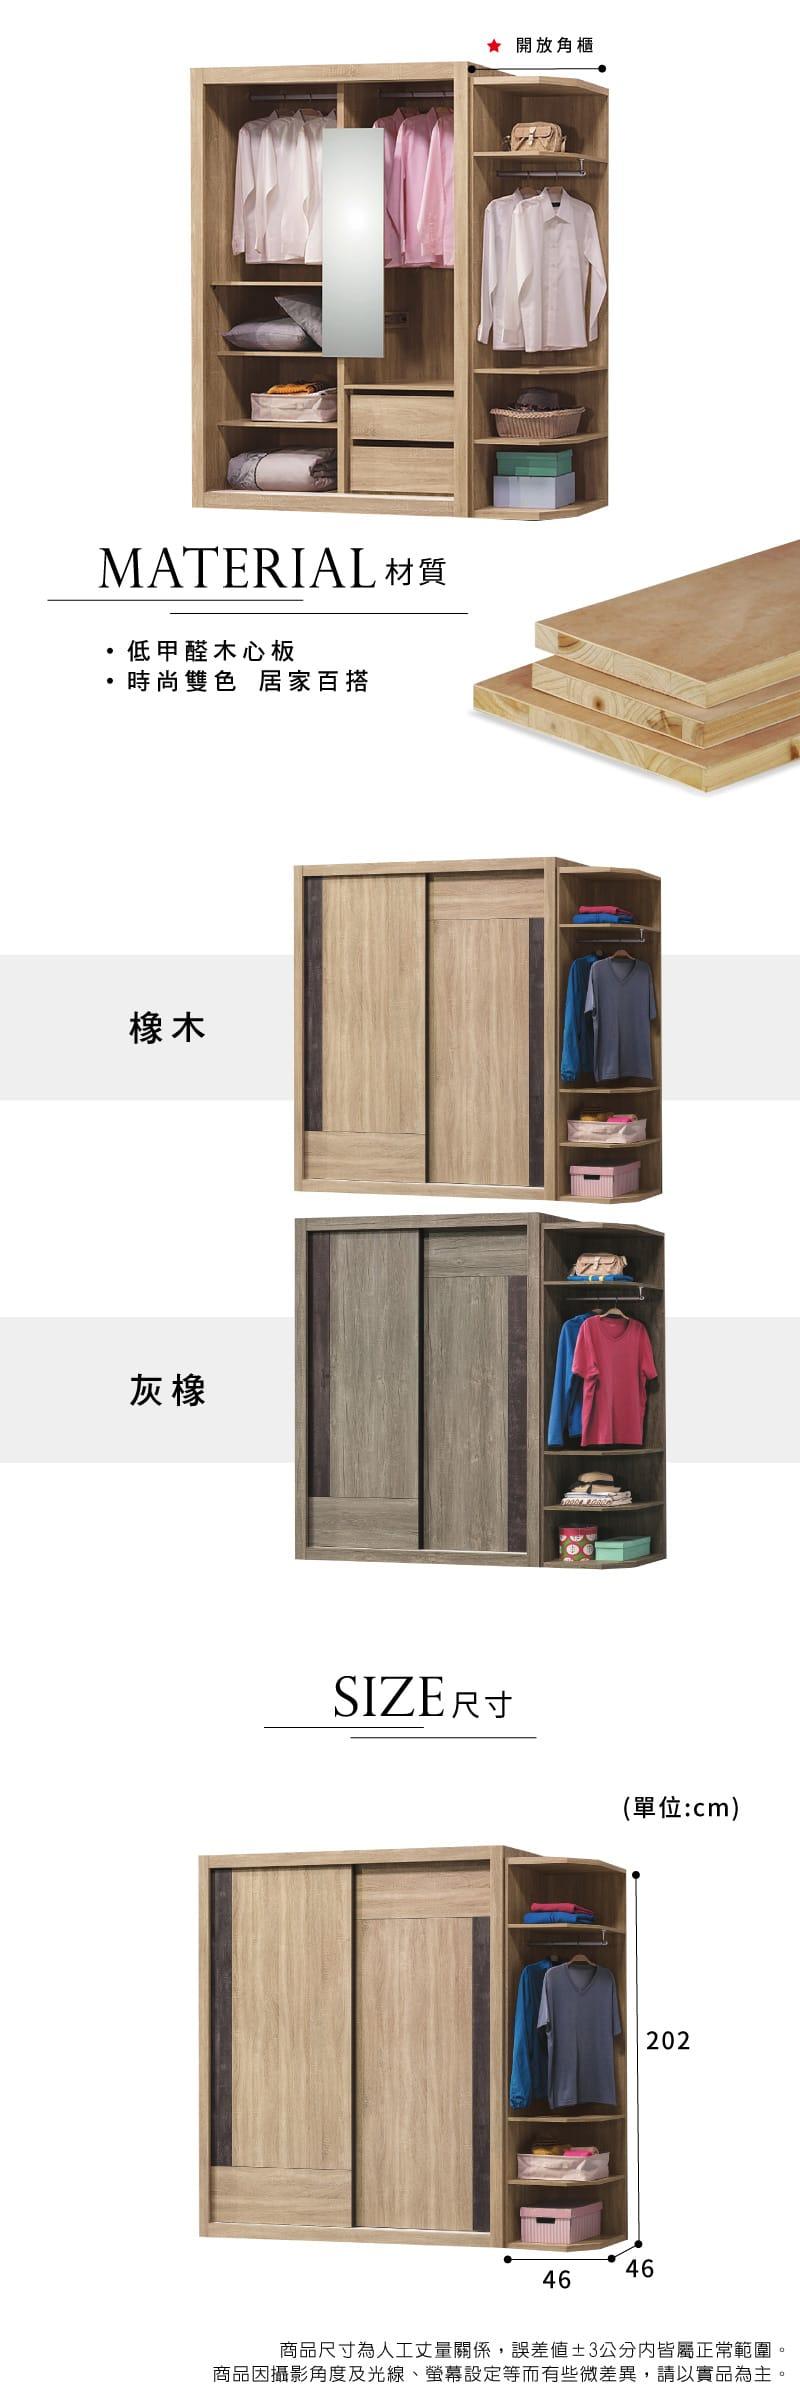 開放轉角收納置物衣櫃 寬46cm【瓦勒】